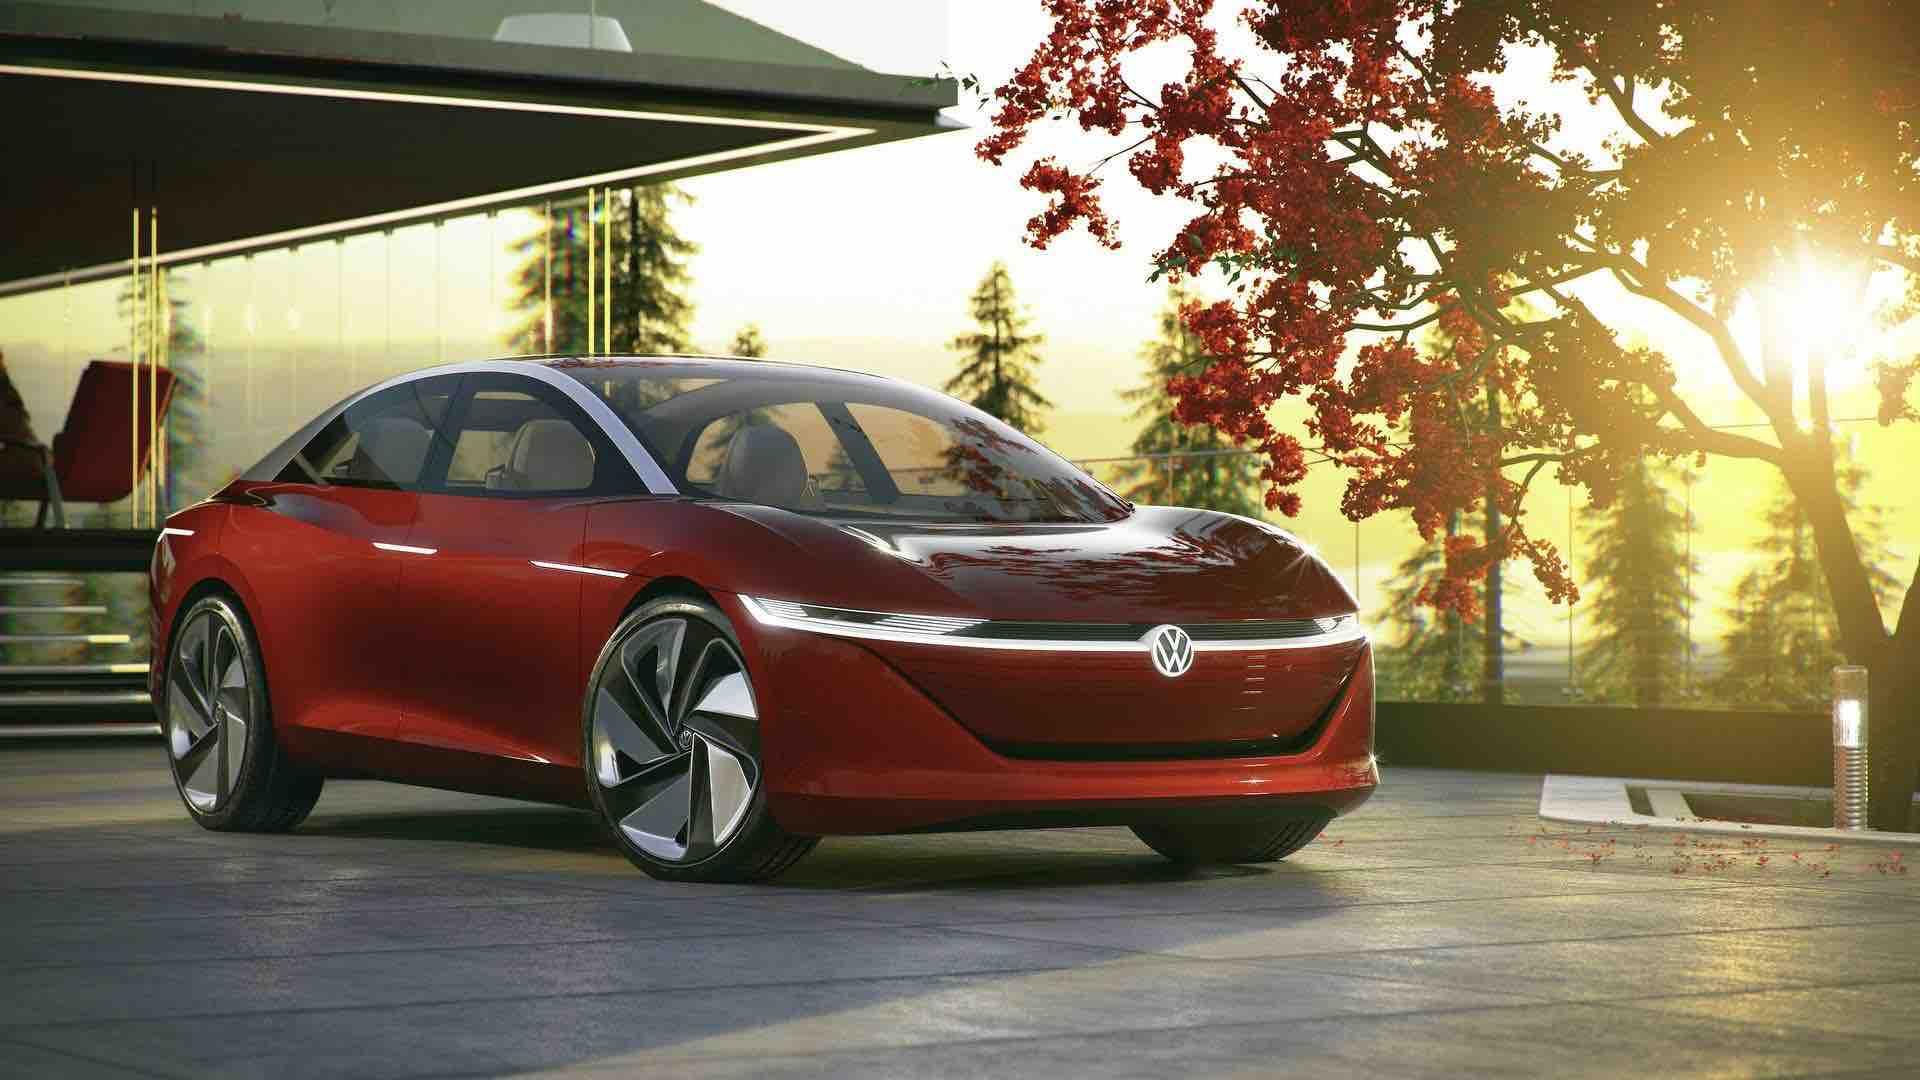 Volkswagen планує випустити бюджетний електромобіль